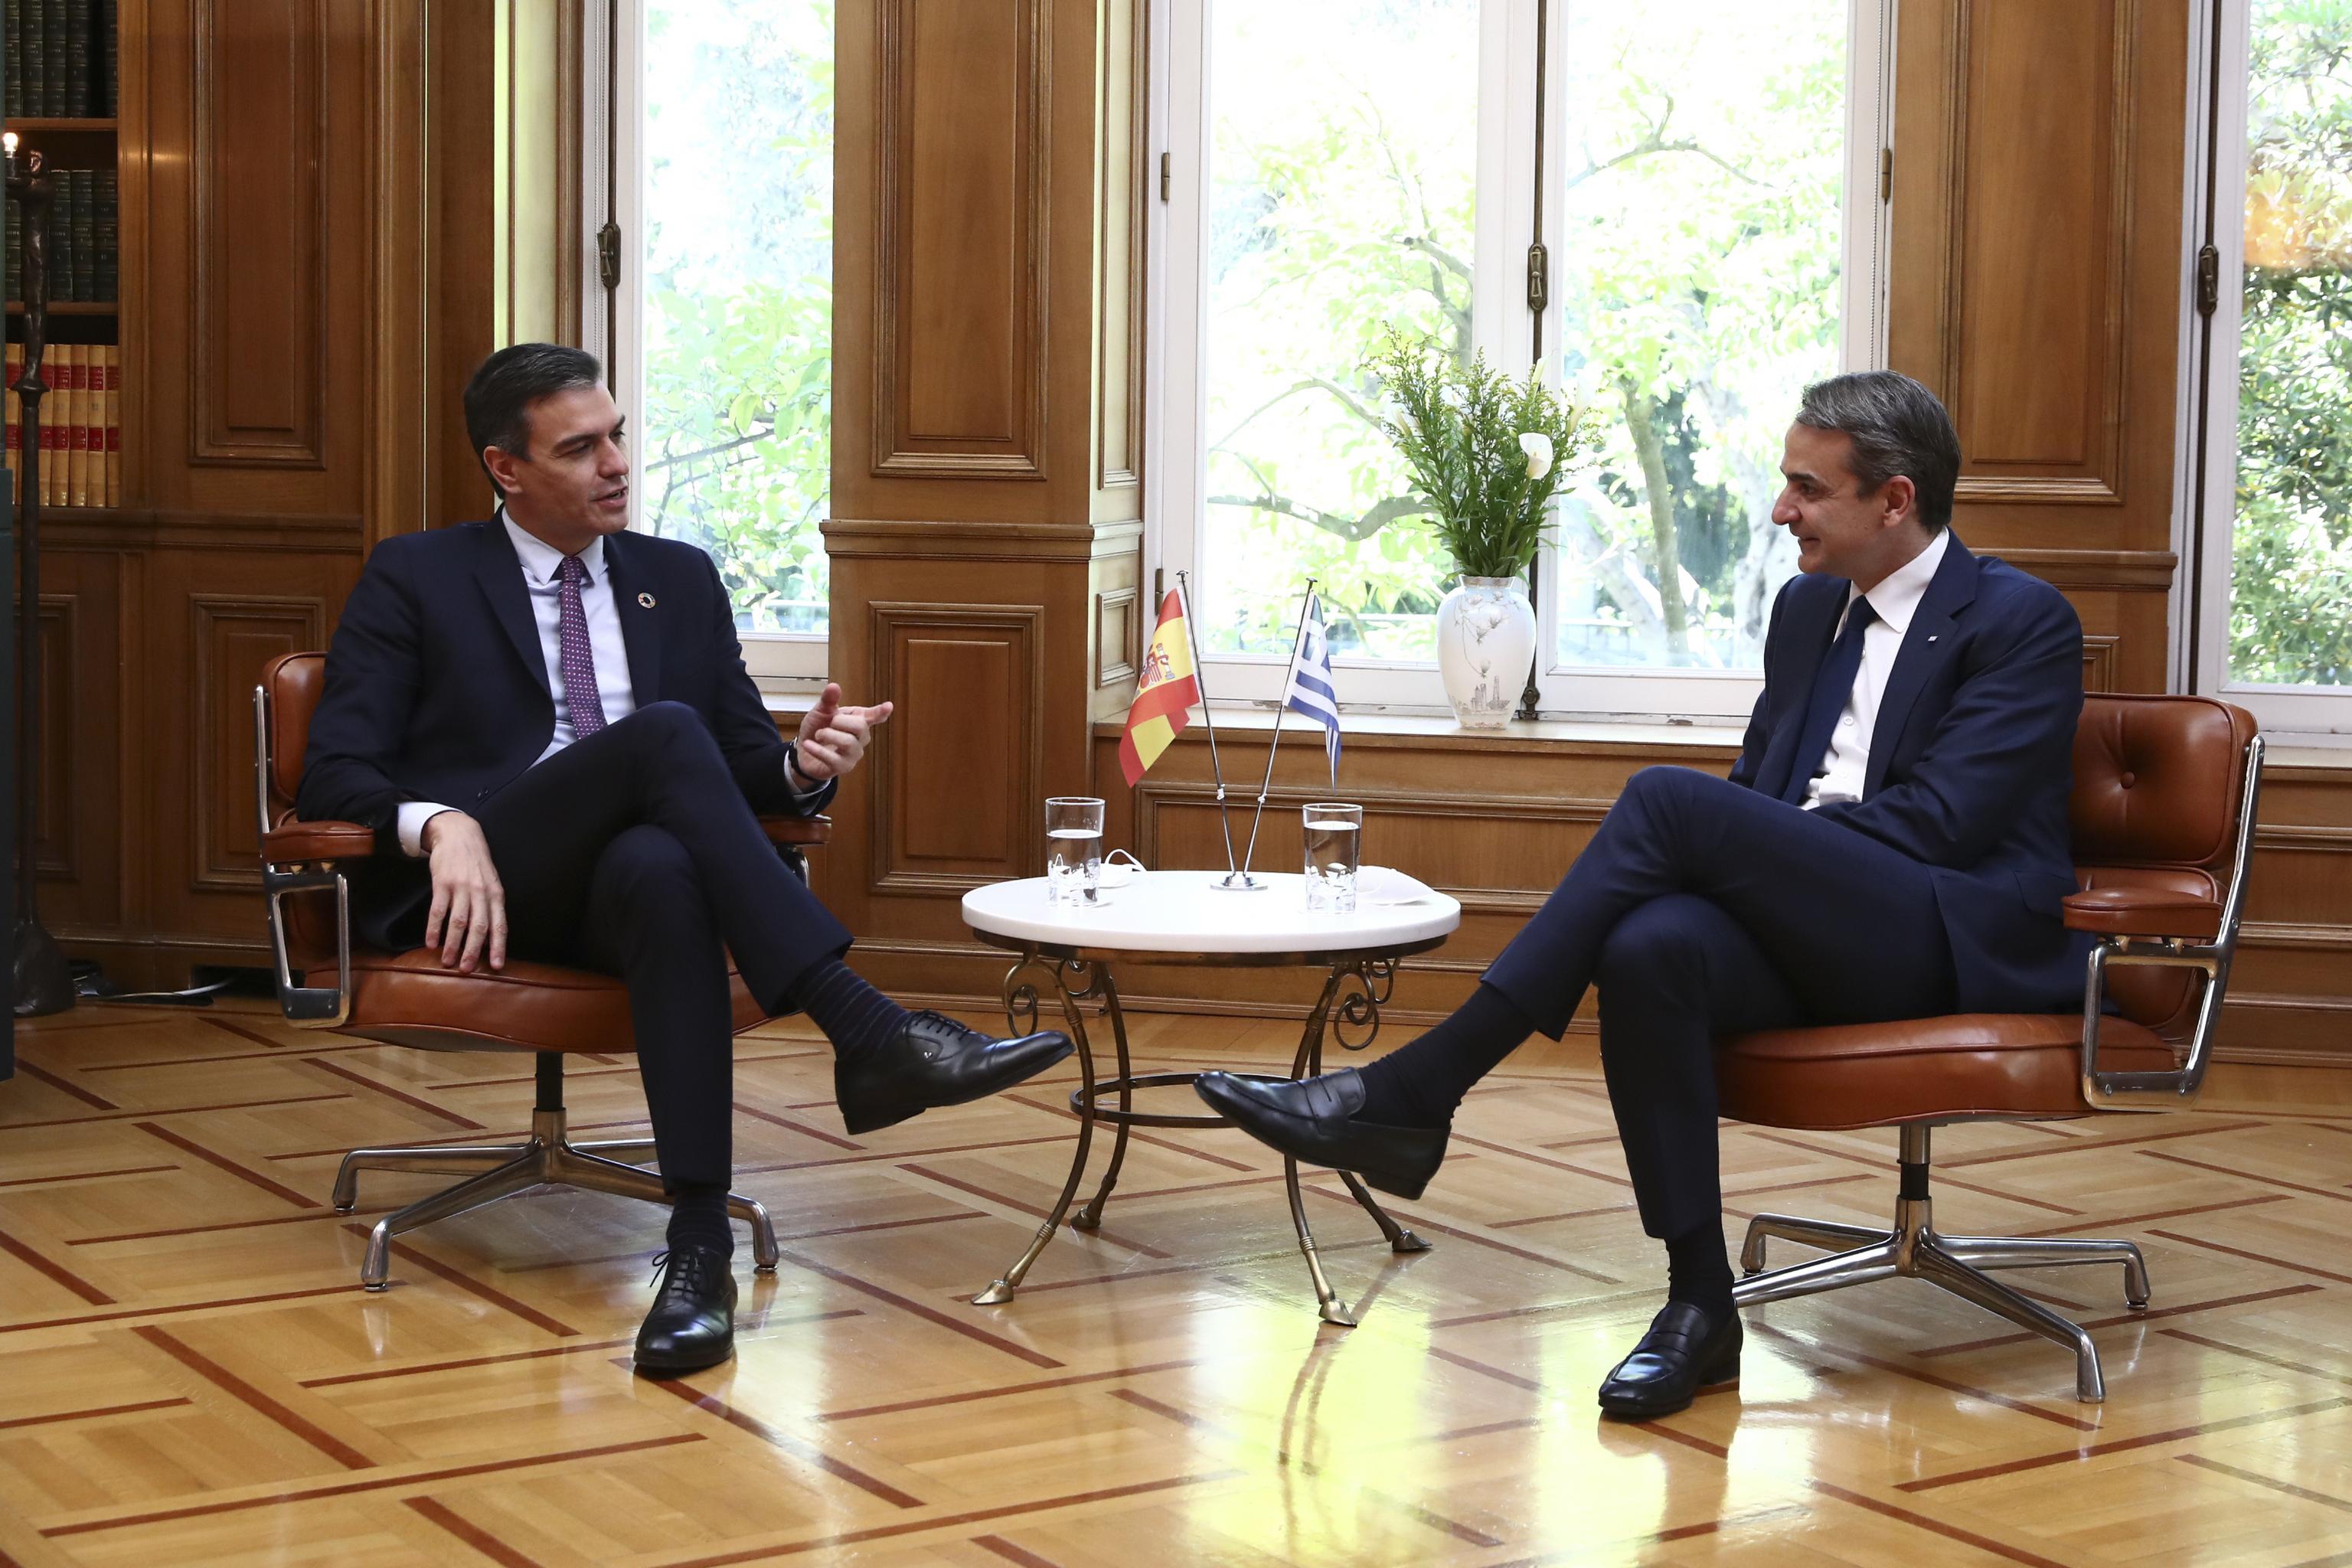 El presidente del Gobierno, Pedro Sánchez, y su homólogo griego Kyriakos Mitsotakis, el pasado 10 de mayo en Atenas.